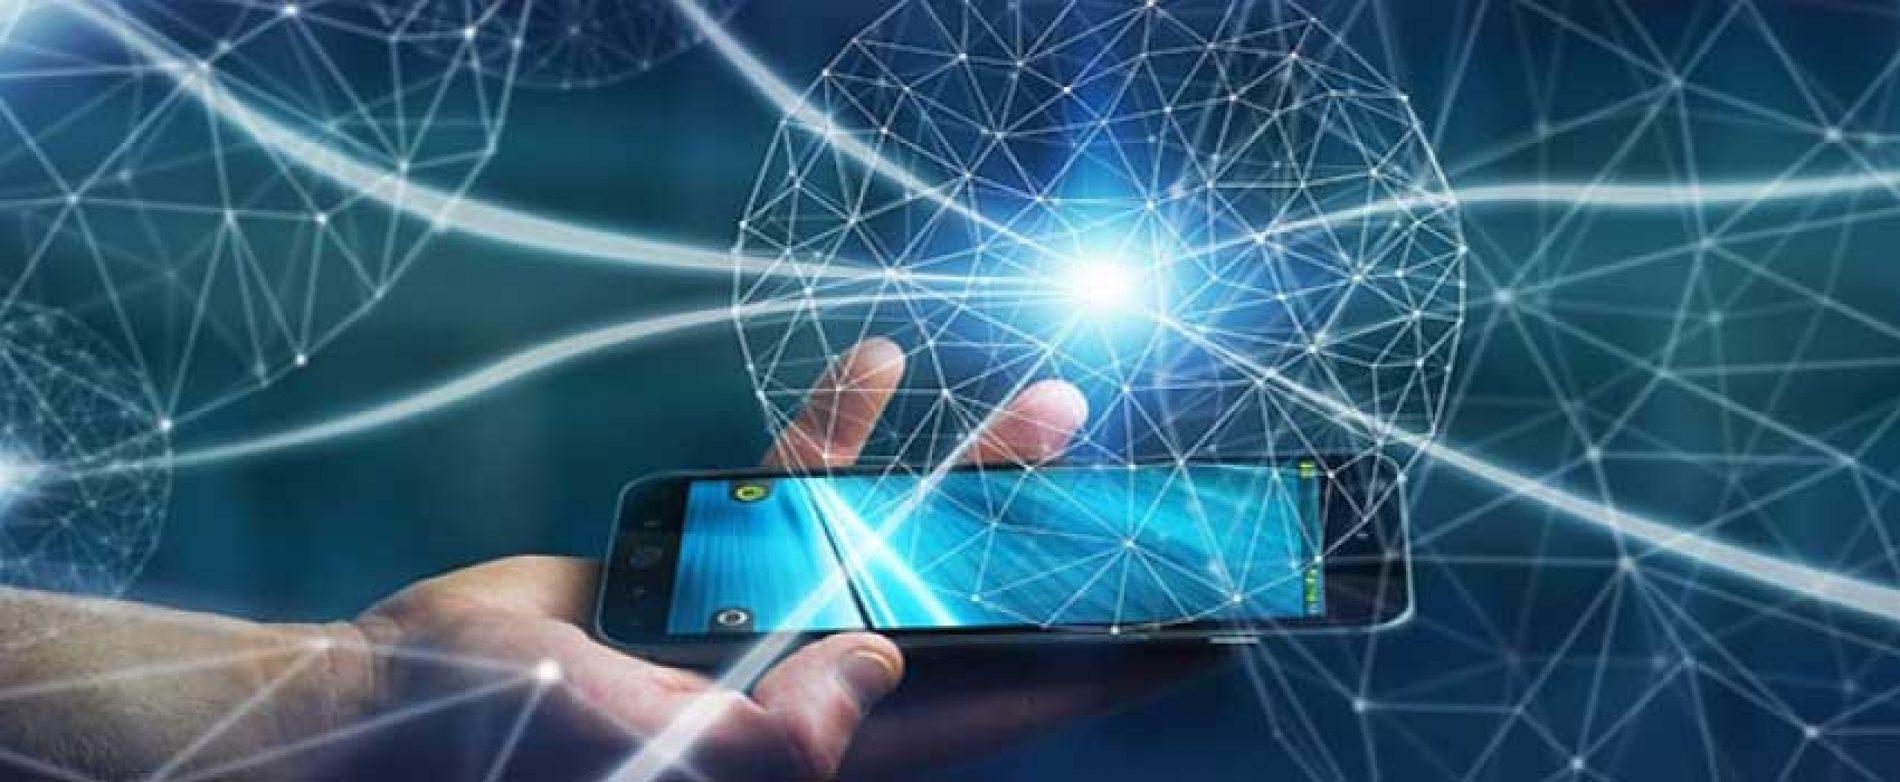 Telekomünikasyon Bilgi Toplumunun Kaldıracı